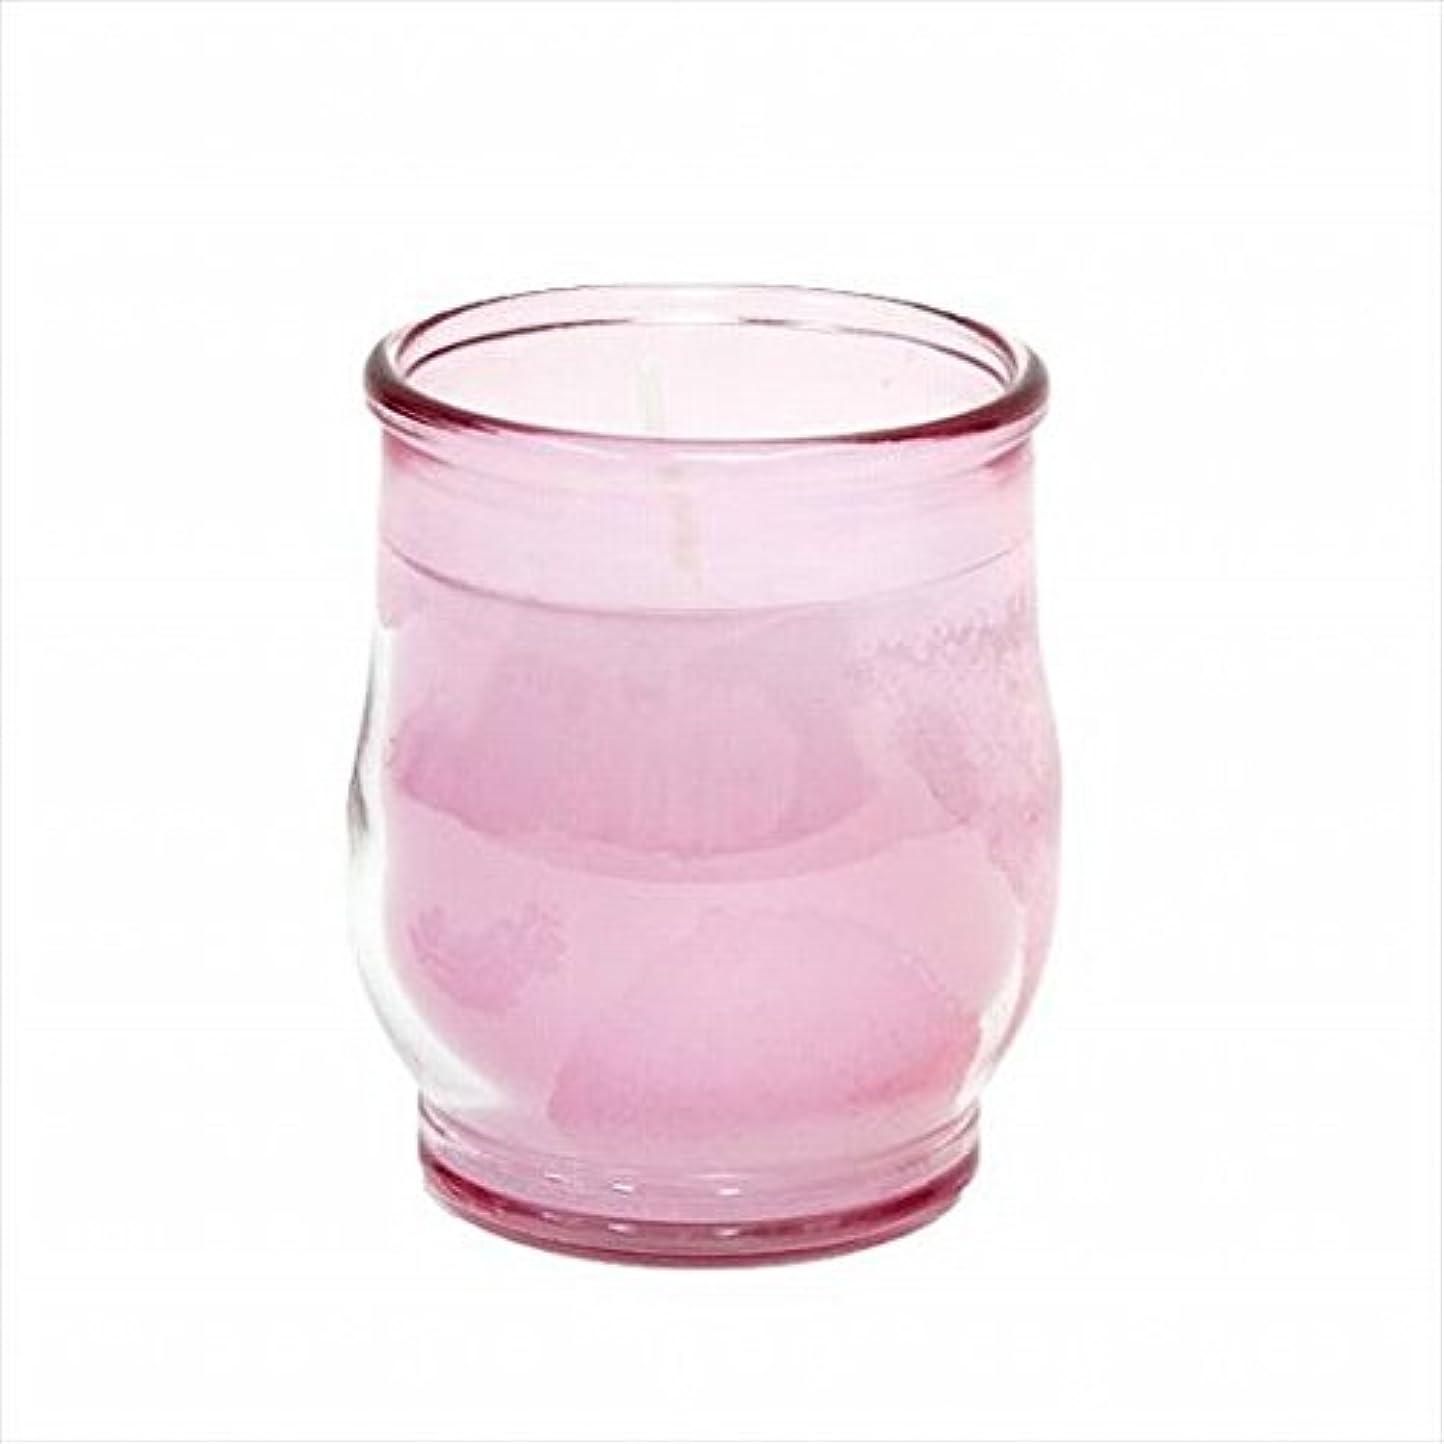 トレーダーハンディキャップ透明にkameyama candle(カメヤマキャンドル) ポシェ(非常用コップローソク) 「 ピンク(ライトカラー) 」 キャンドル 68x68x80mm (73020030P)